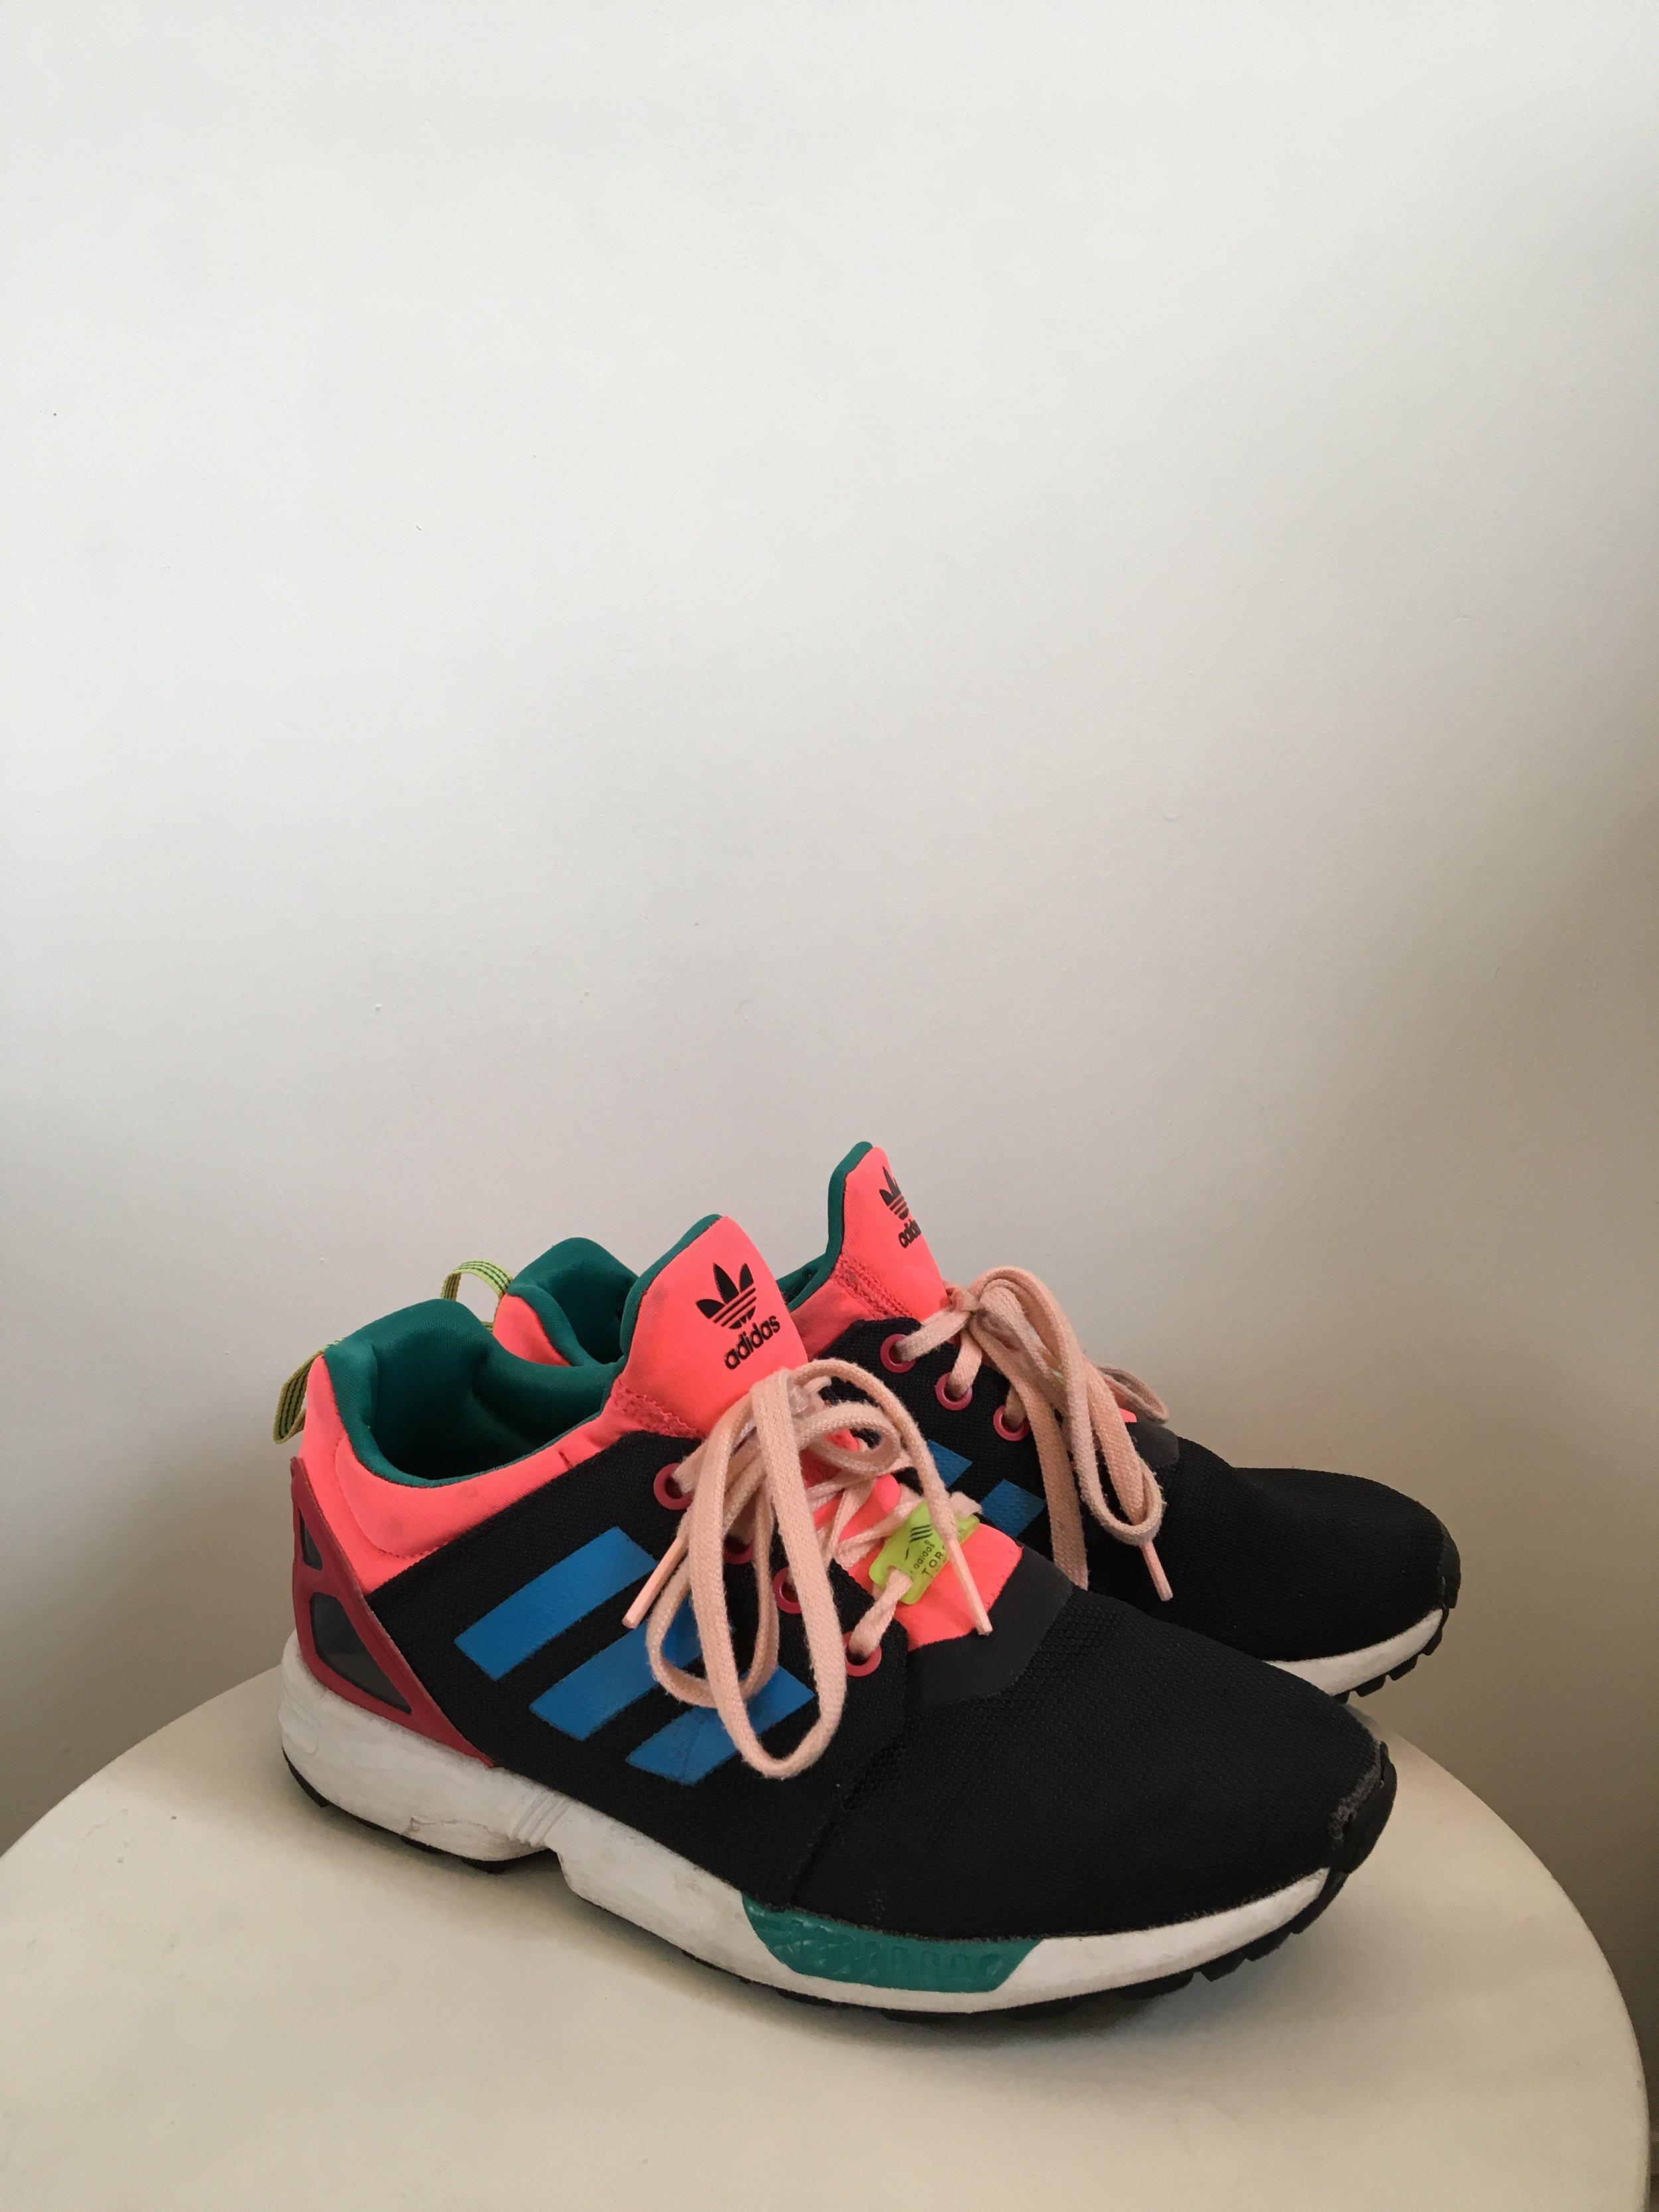 Adidas 2016